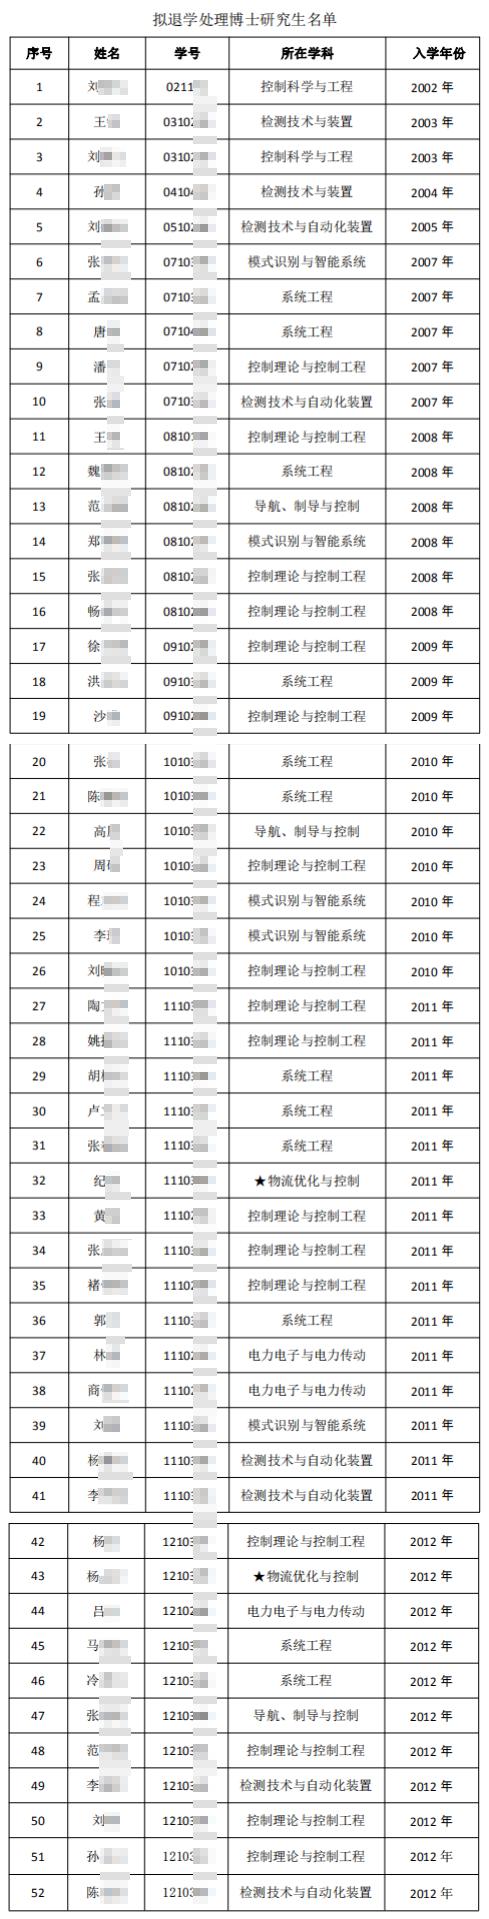 【迪士尼彩乐邀请码】_沈阳一高校清退52名超最长学习年限博士生,一人已读博18年